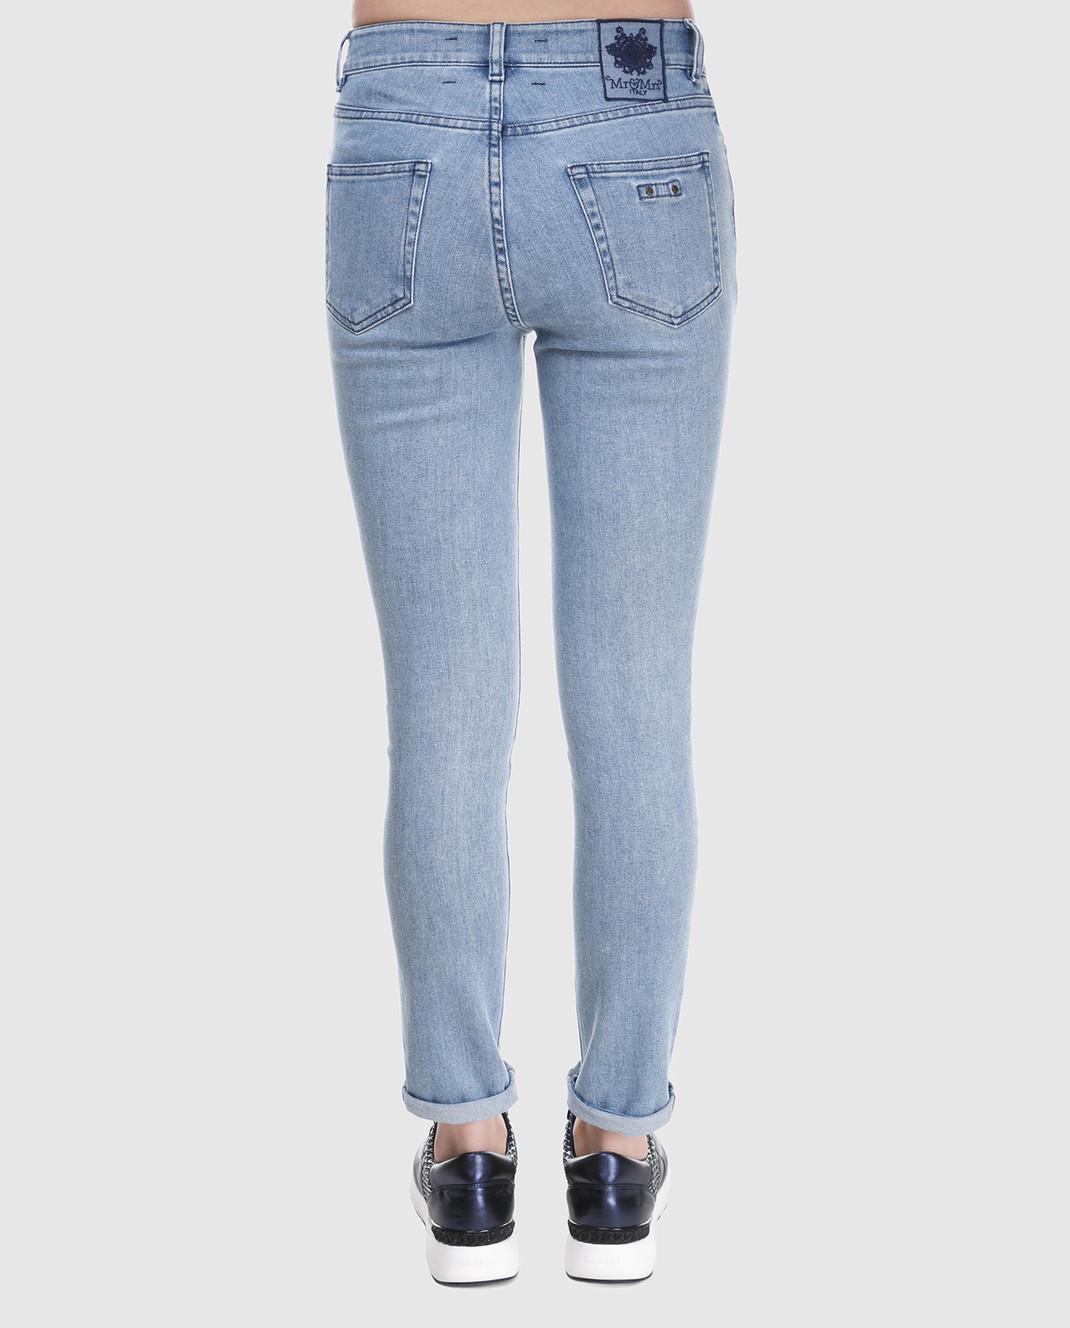 Mr&Mrs Italy Голубые джинсы JE084E изображение 4